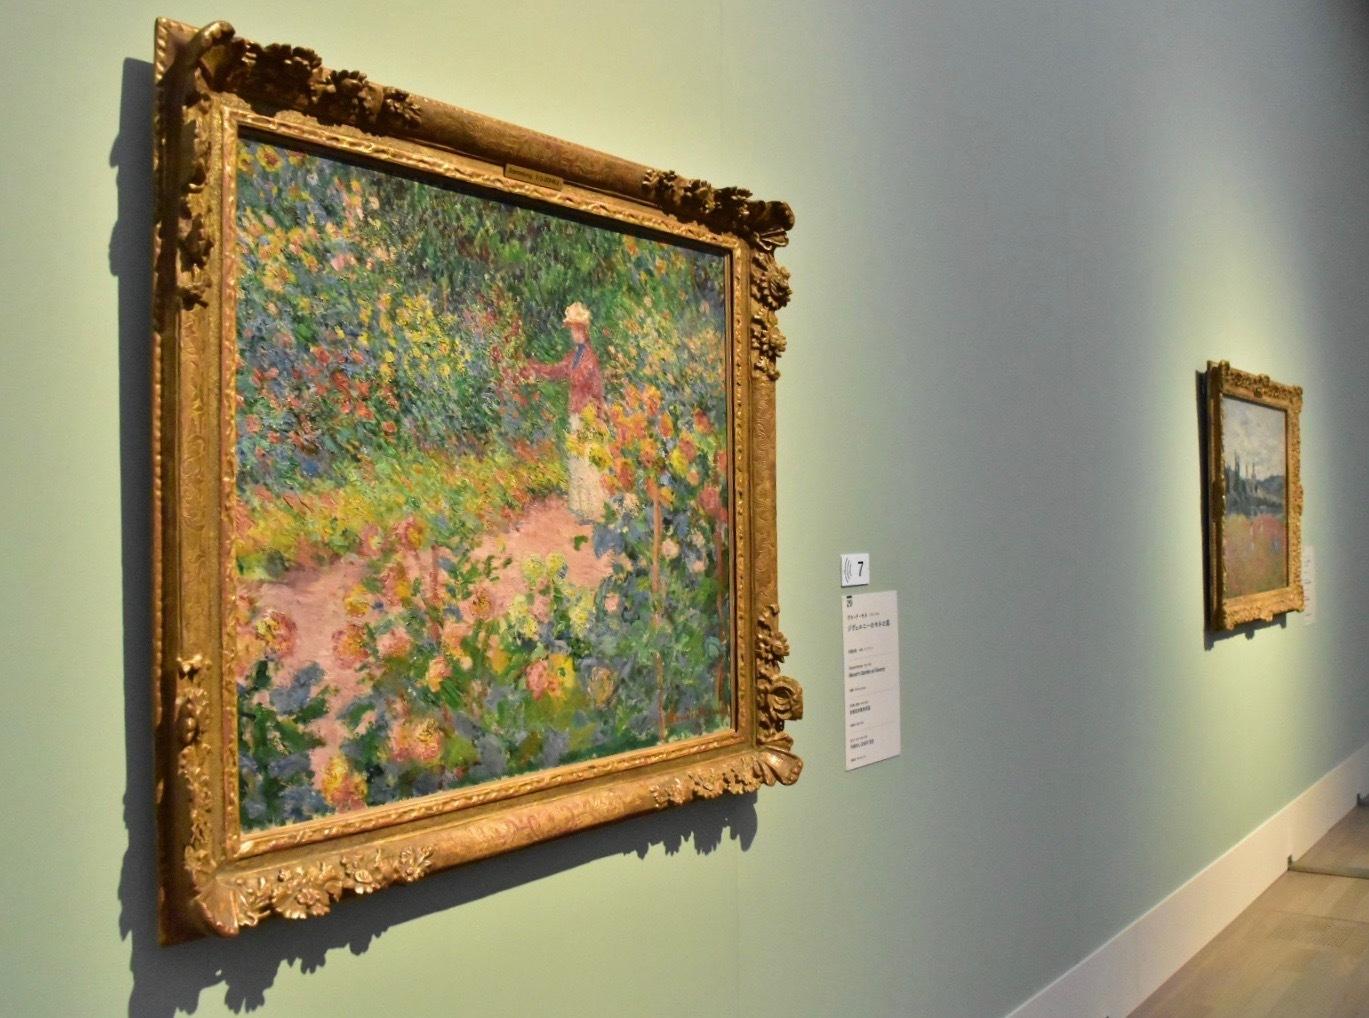 クロード・モネ 《ジヴェルニーのモネの庭》 1895年